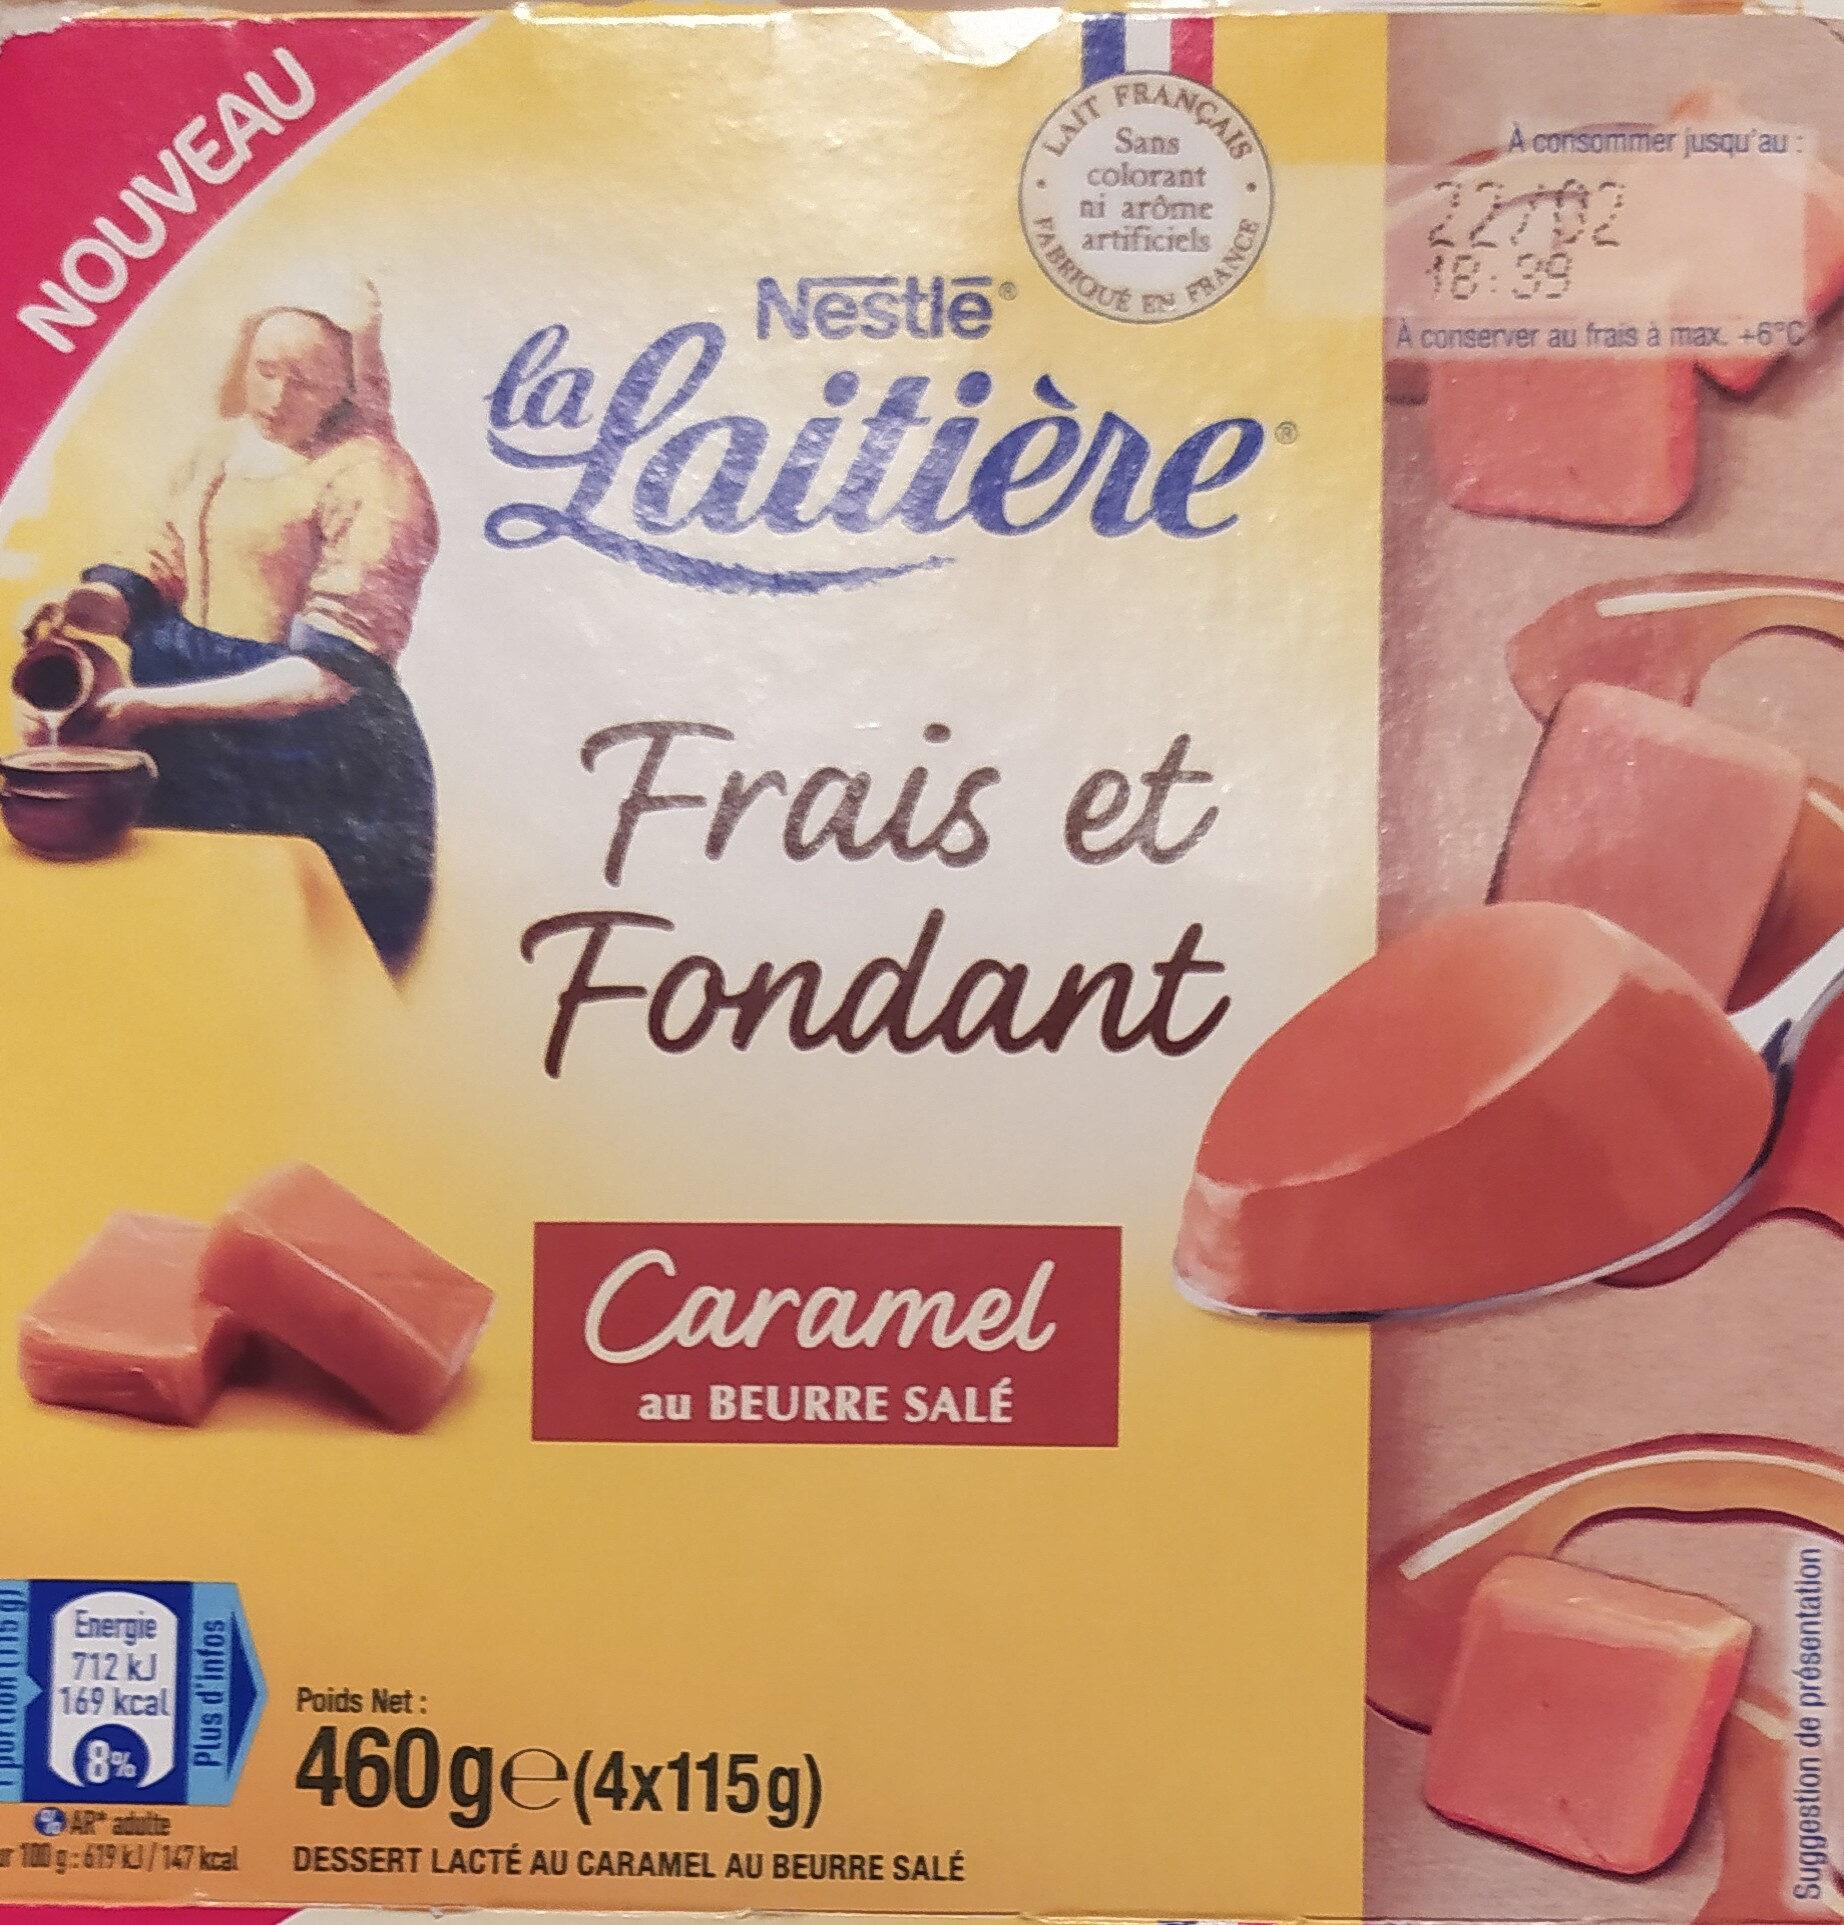 La Laitière Frais et Fondant Caramel au beurre salé 4 x 115 g - Produit - fr